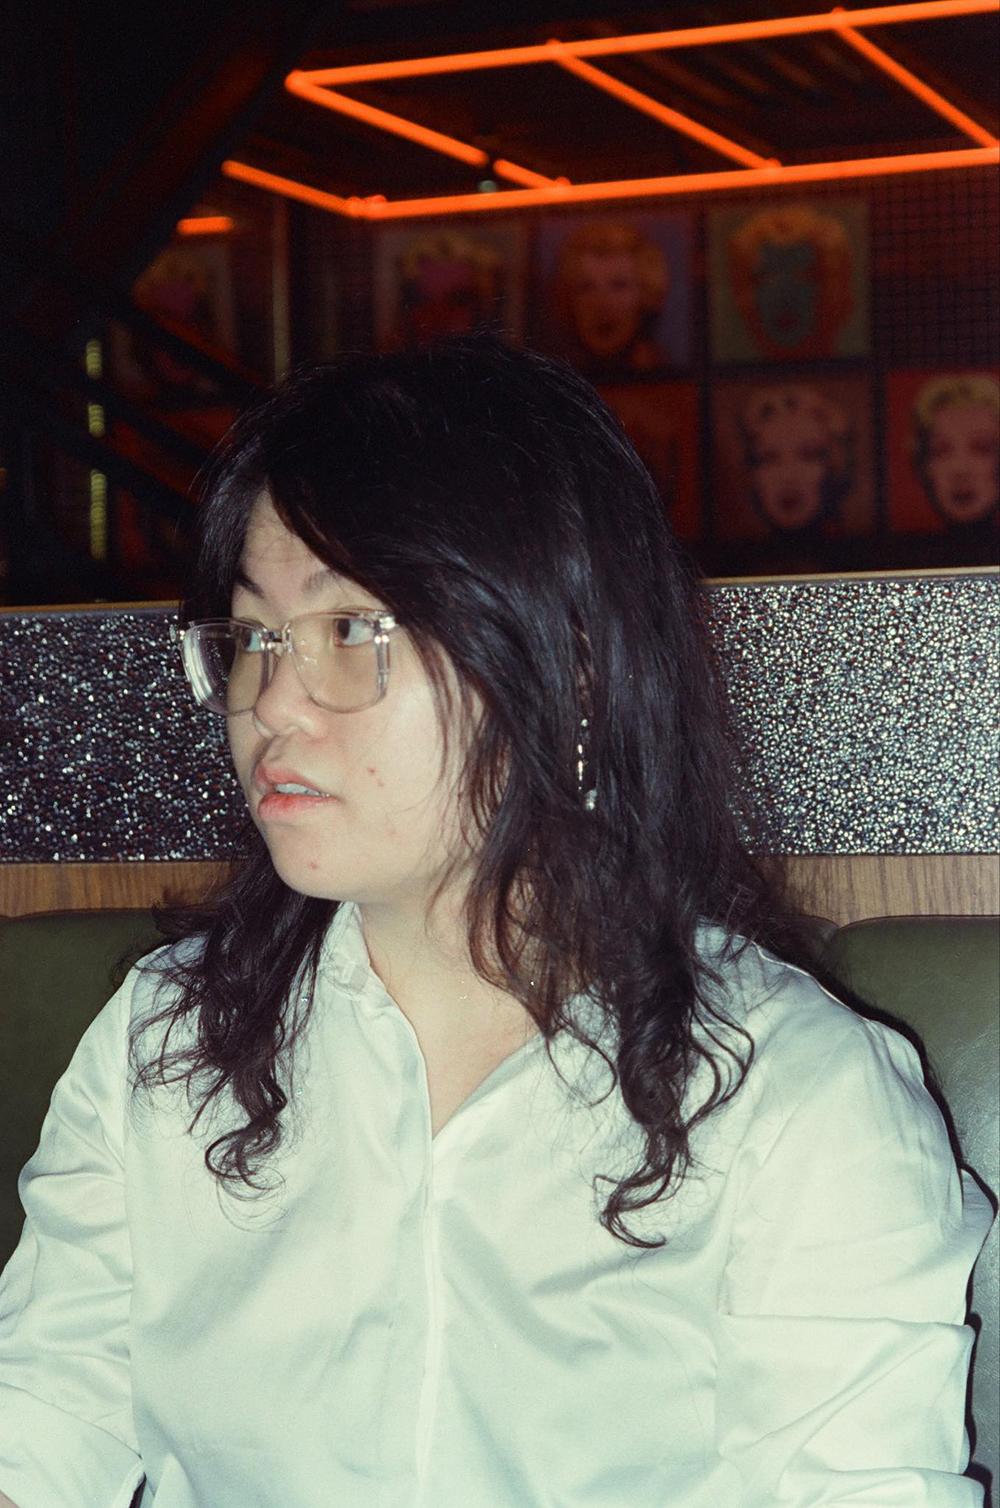 Quỳnh Hoa hiện là sinh viên năm 3 ngành Truyền thông